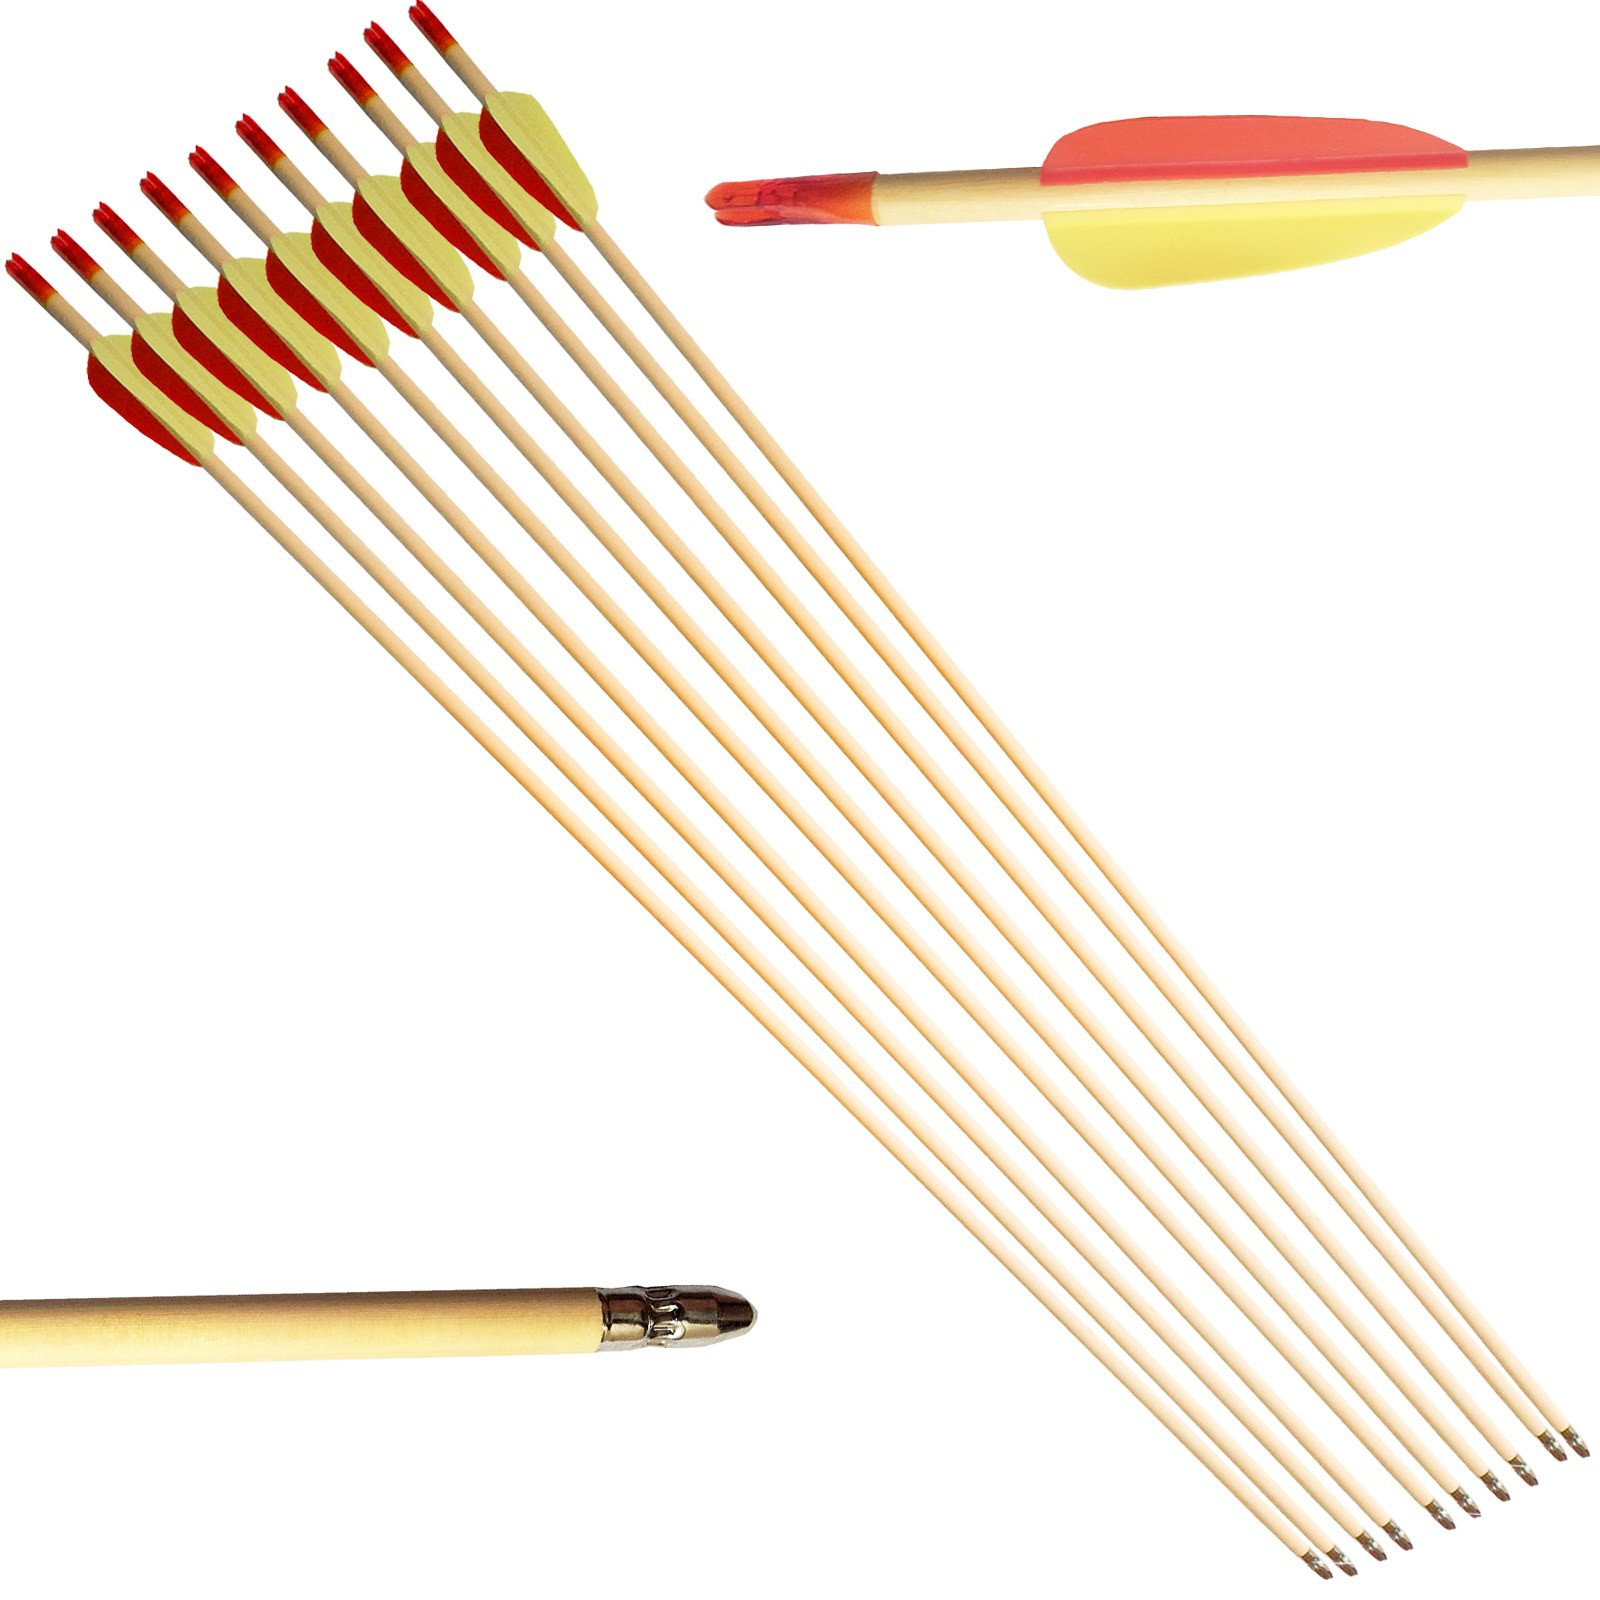 10 Frecce Freccia per Arco Tiro Bersaglio in Legno Archi 20 60 Libbre 28 Pollici